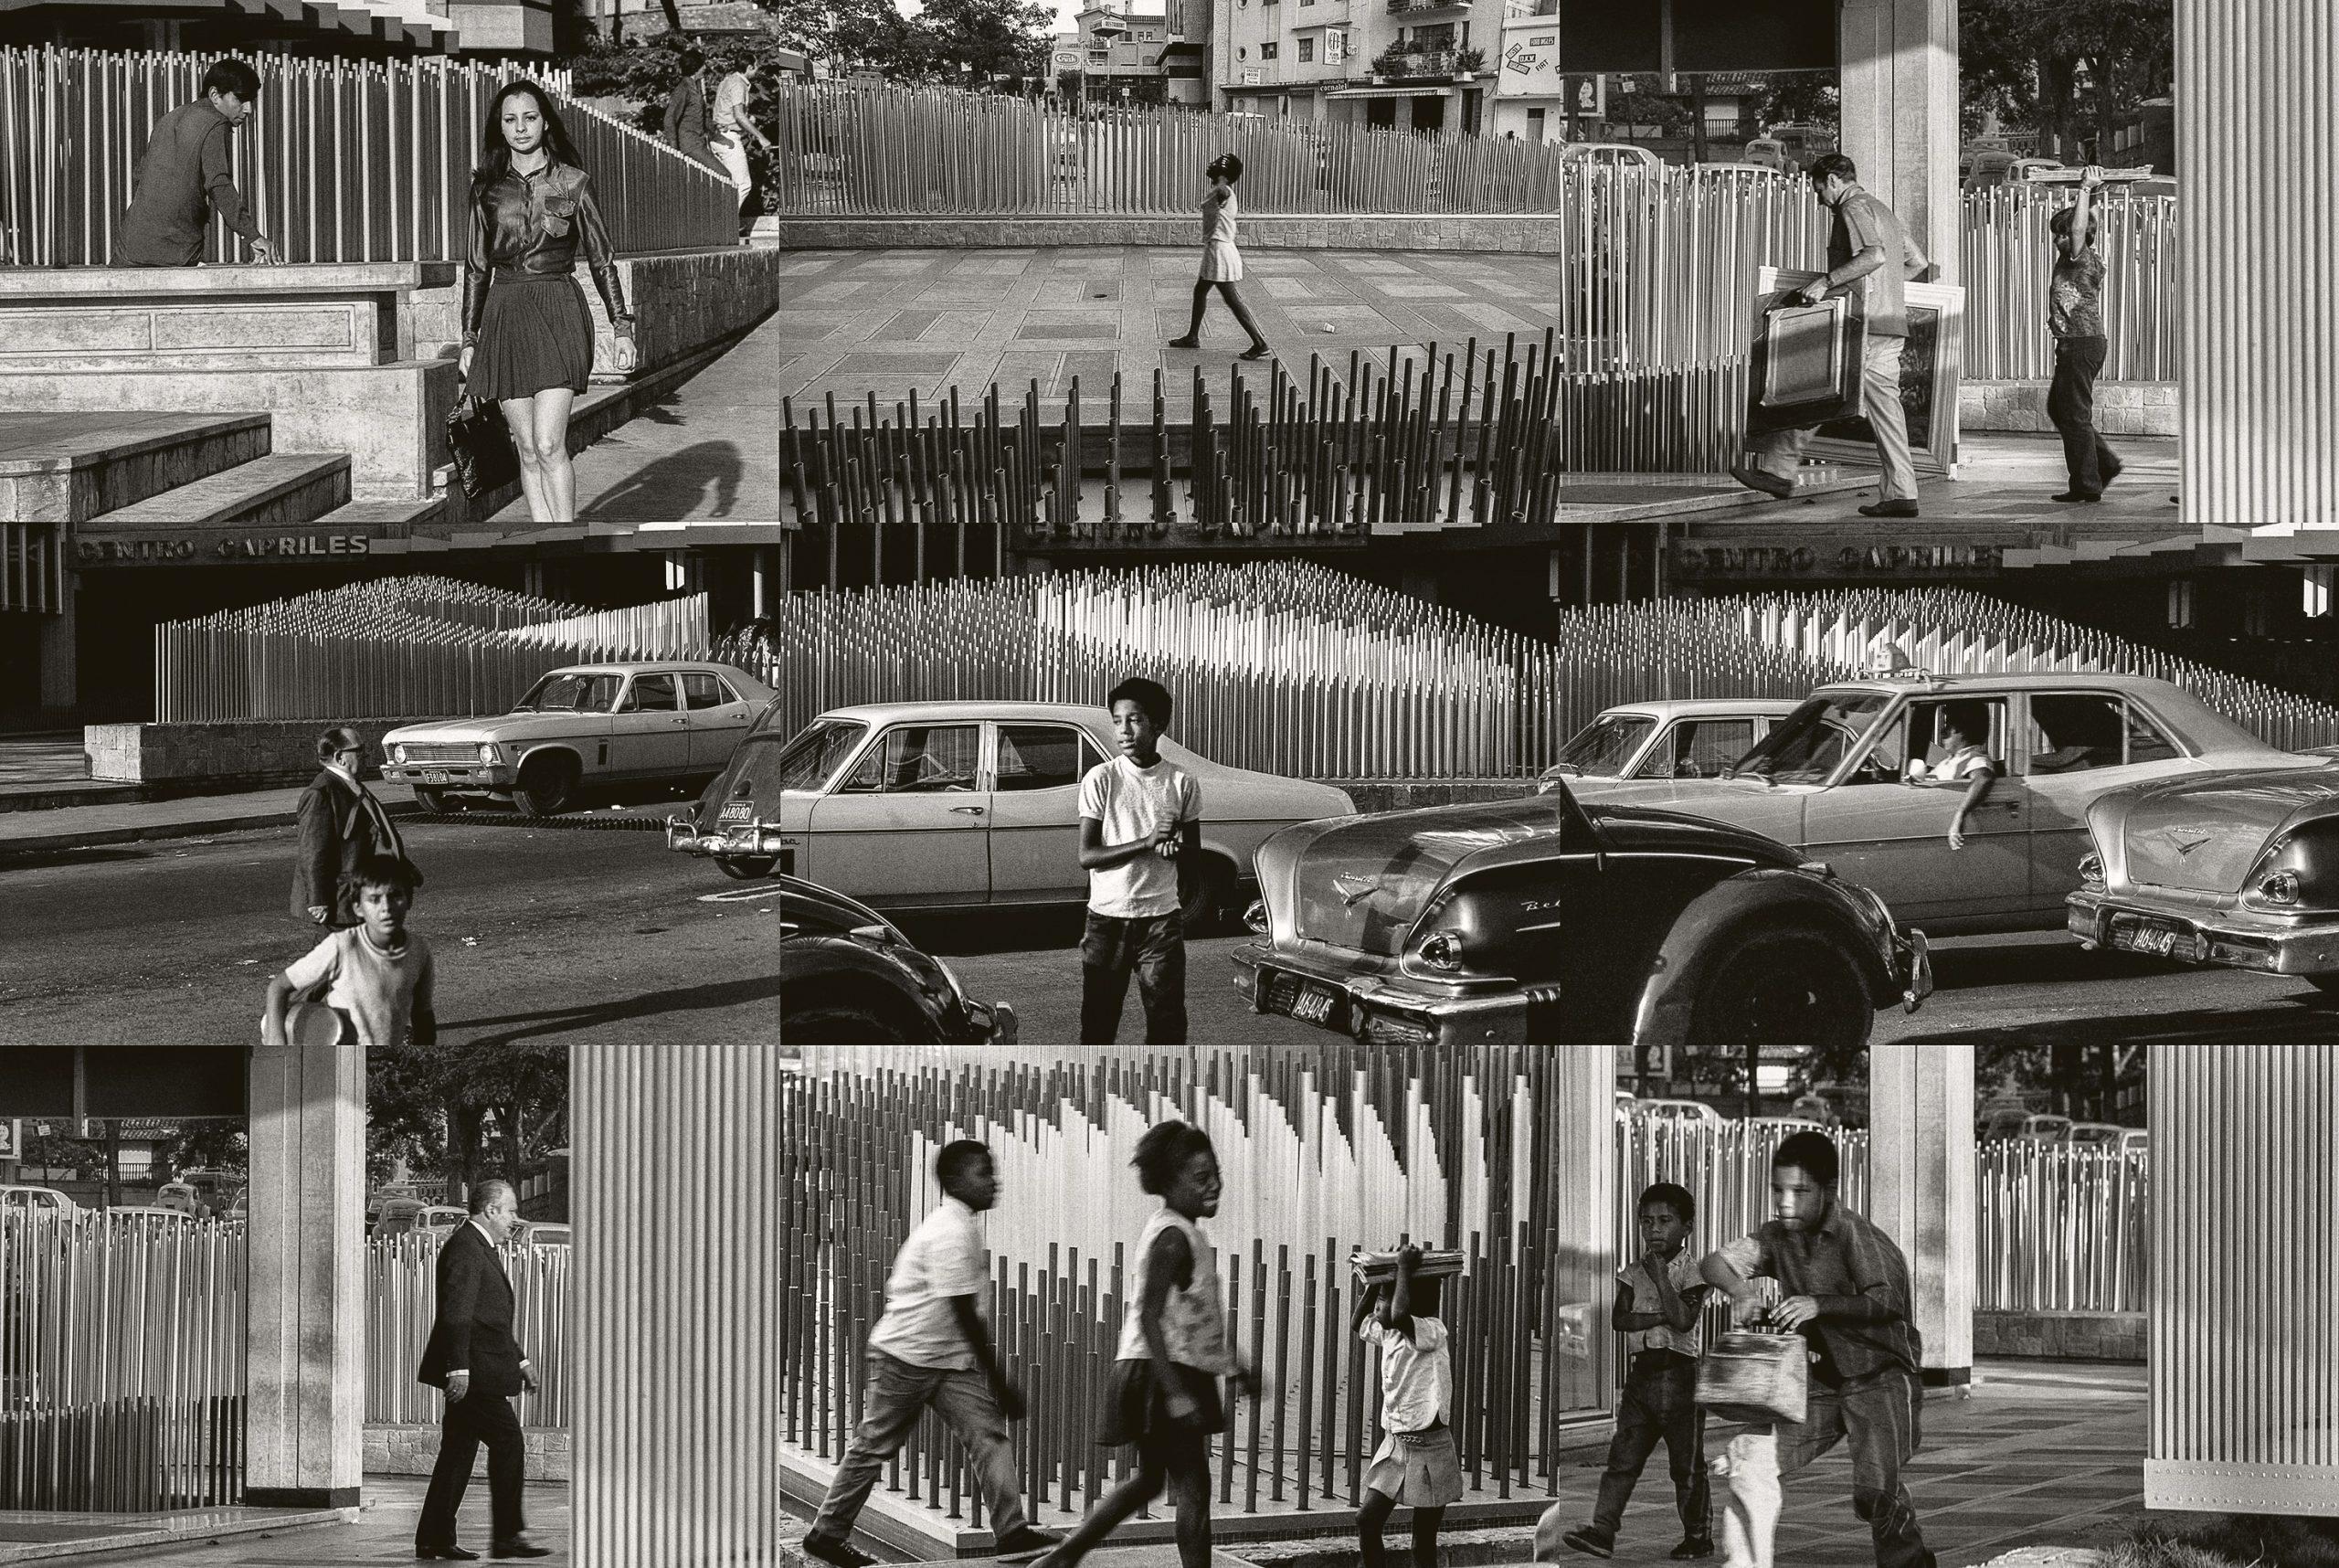 Paolo Gasparini Obra cinética de Jesús Rafael Soto «Progresión a centro móvil», 1969, Caracas, 1970 Fotomural de nueve copias digitales 40 × 60 cm Colecciones Fundación MAPFRE © Paolo Gasparini